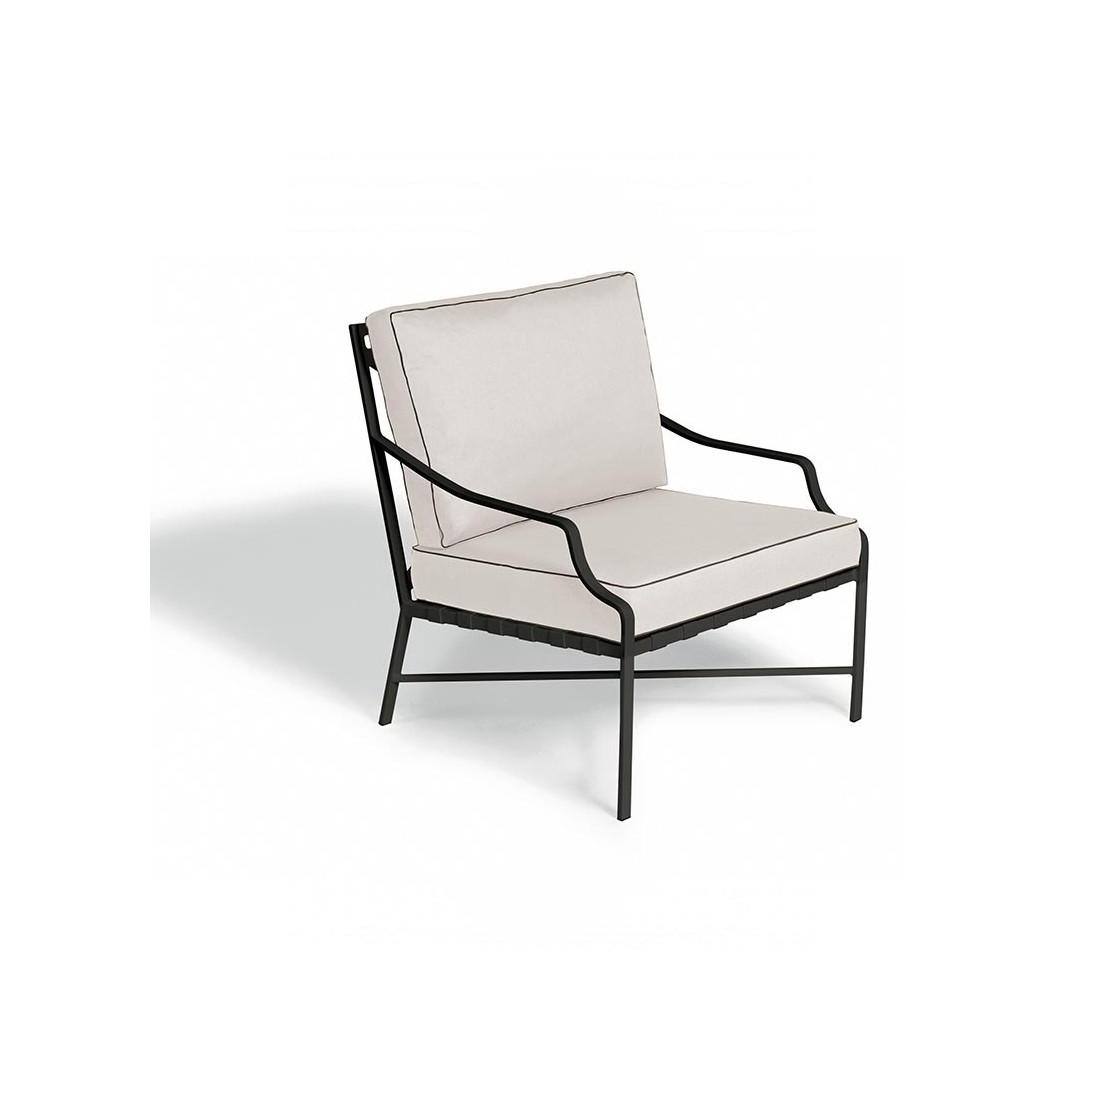 fauteuil bas club de la collection 1950 de triconfort